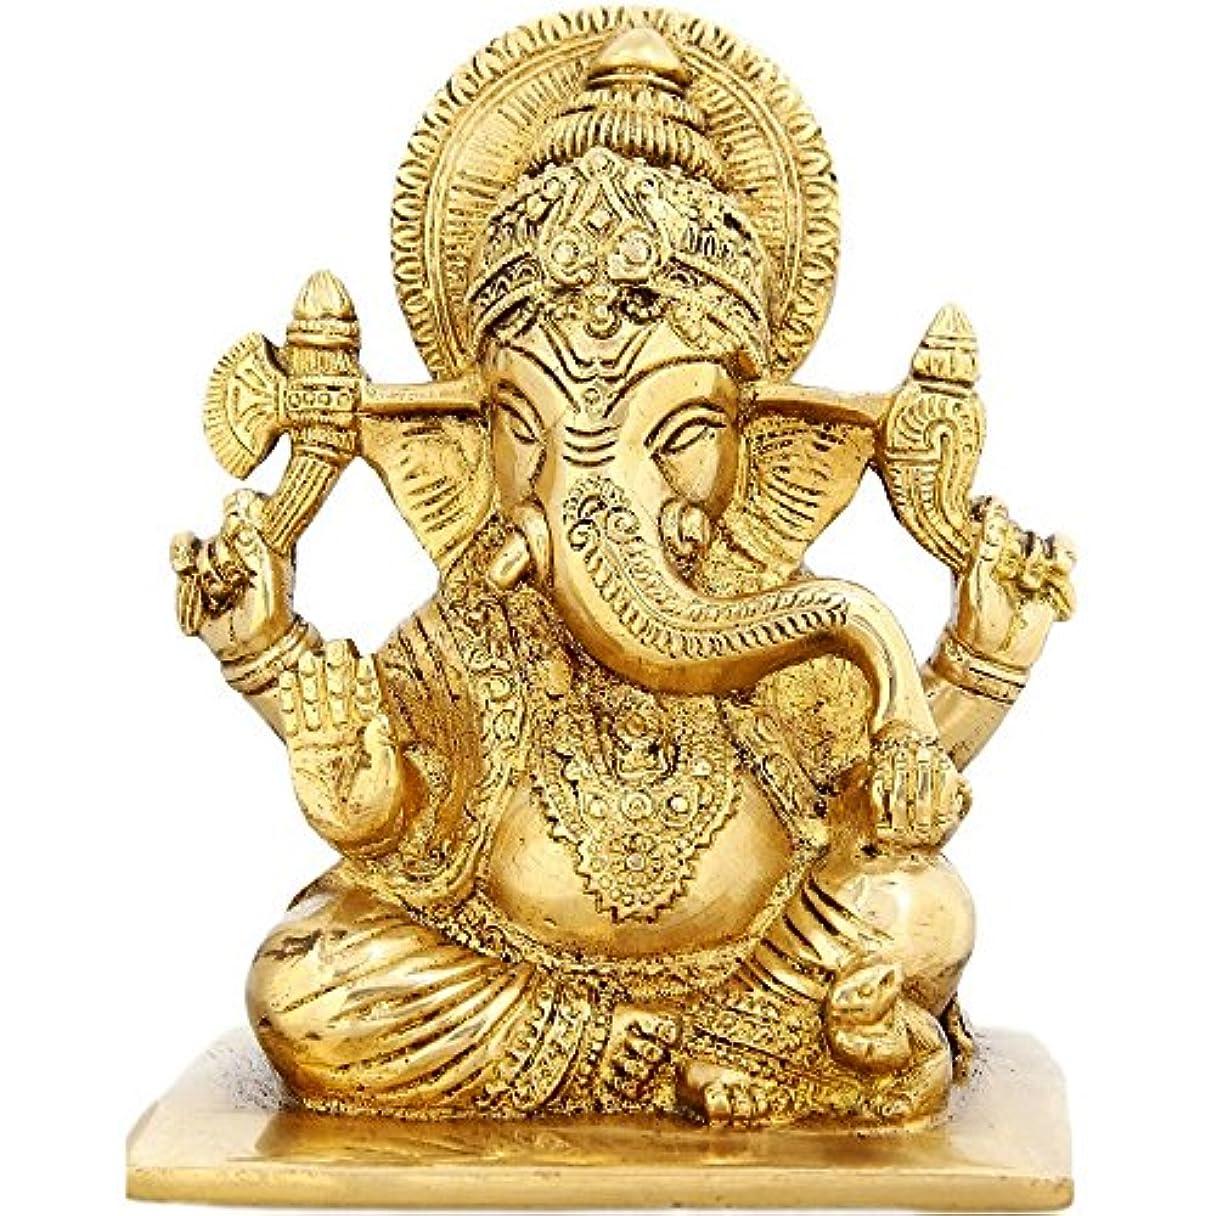 許可不完全アンペアSeatedガネーシャ神宗教ギフト真鍮彫刻for Mom 6インチ、weight-1.9 KG